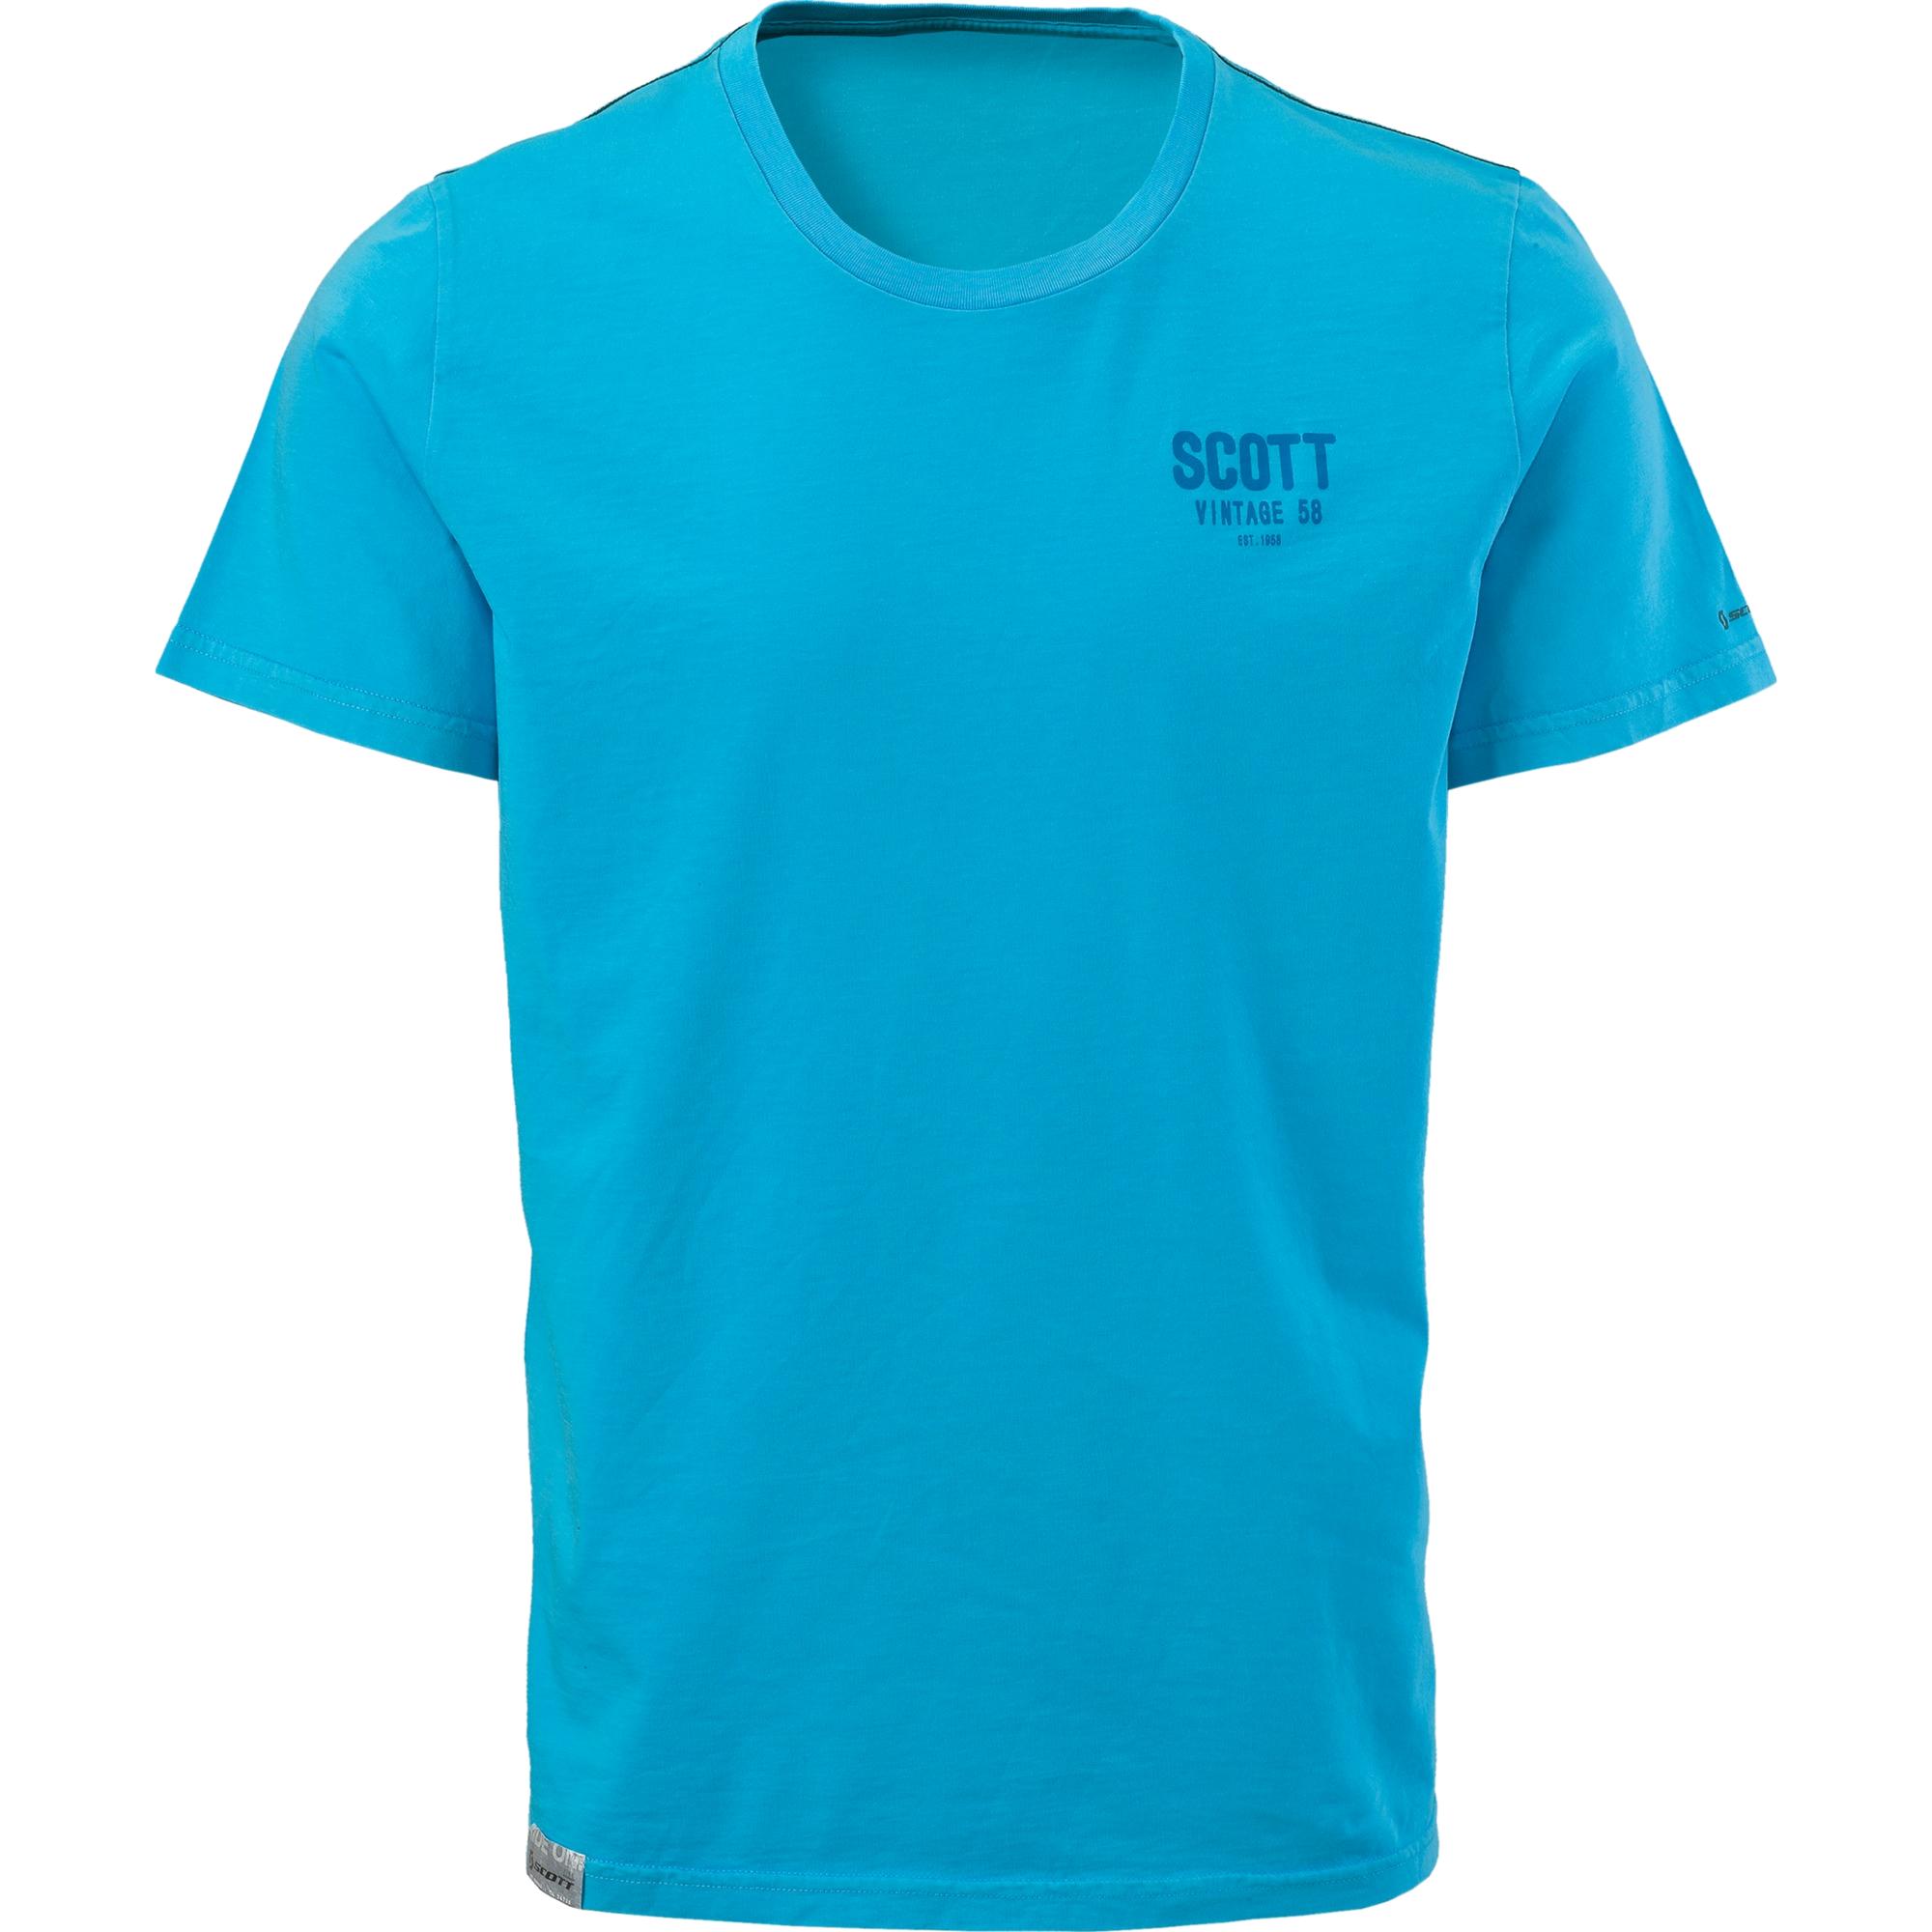 Cyan T-Shirt PNG Image